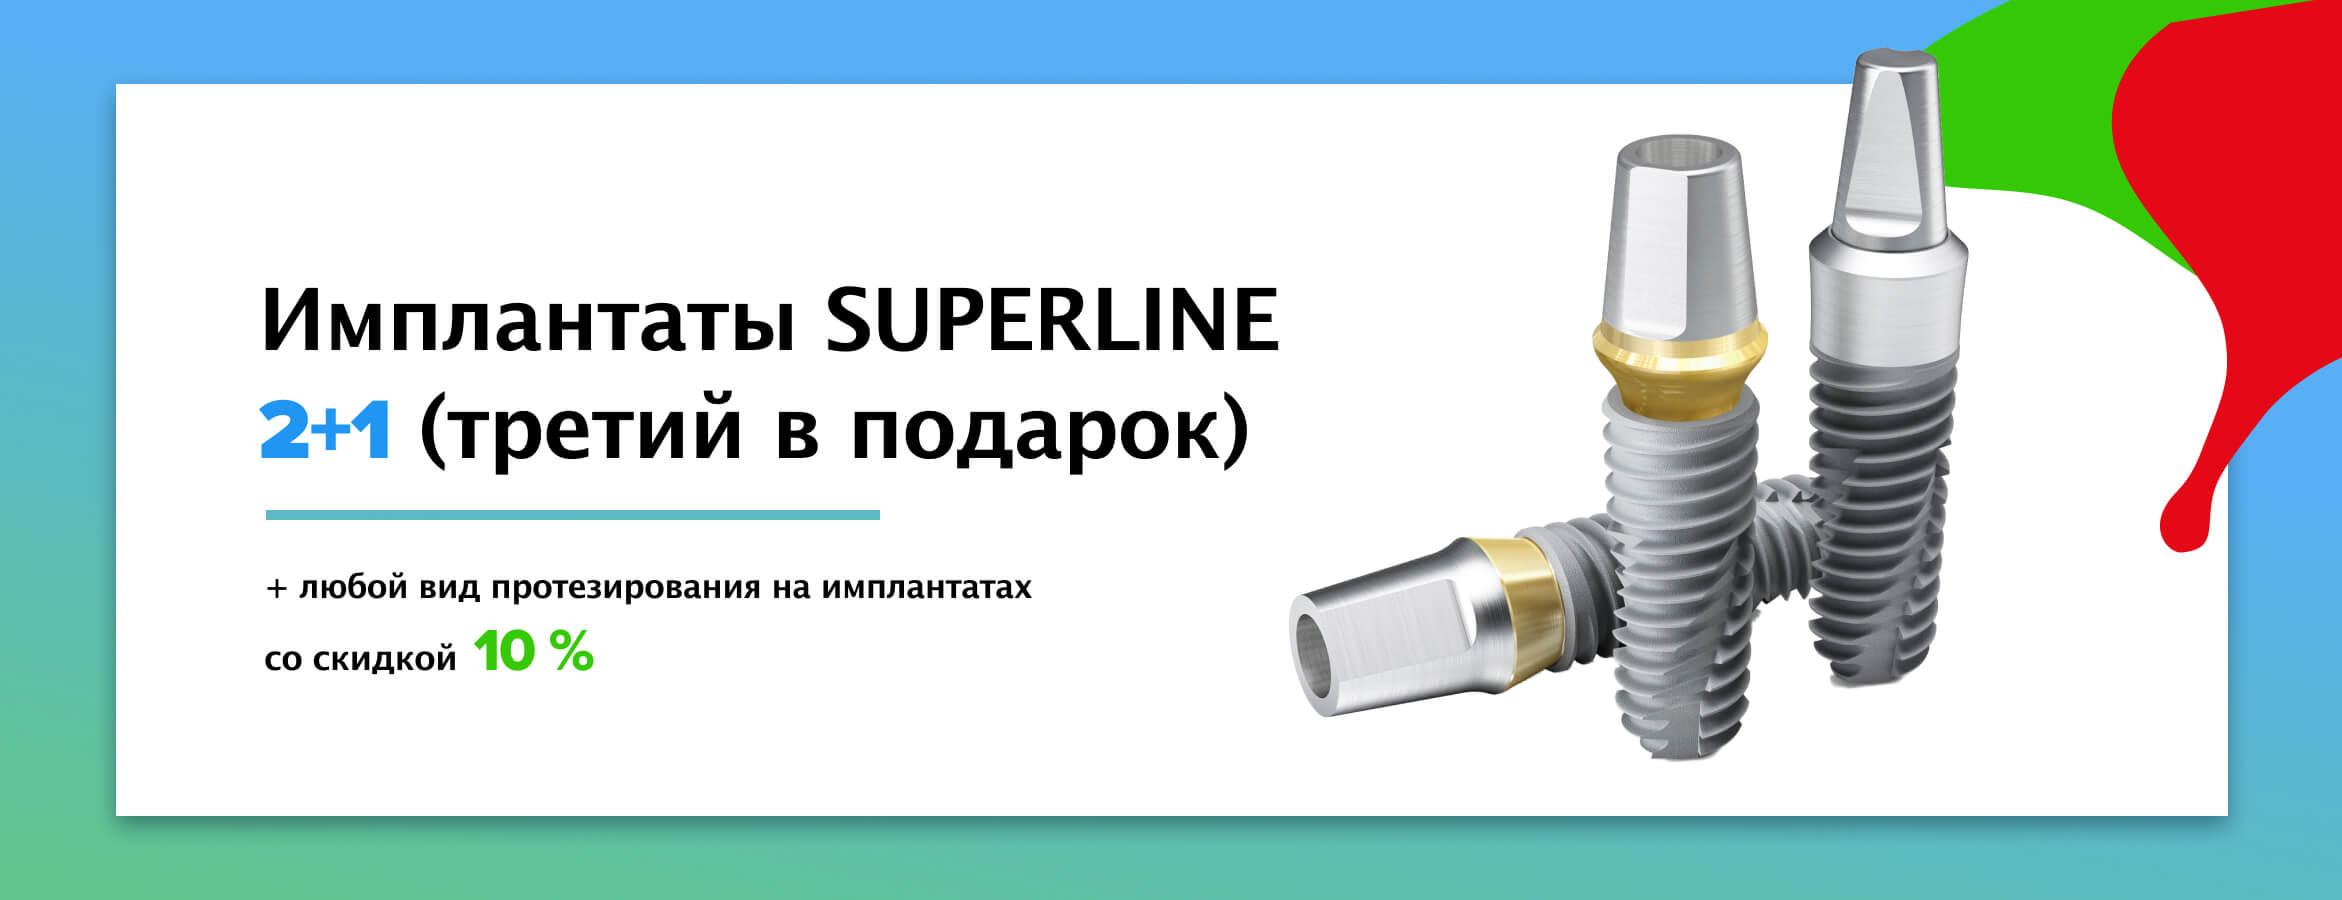 Имплантат SuperLine 2+1 и любой вид протезирования на имплантатах со скидкой 10%